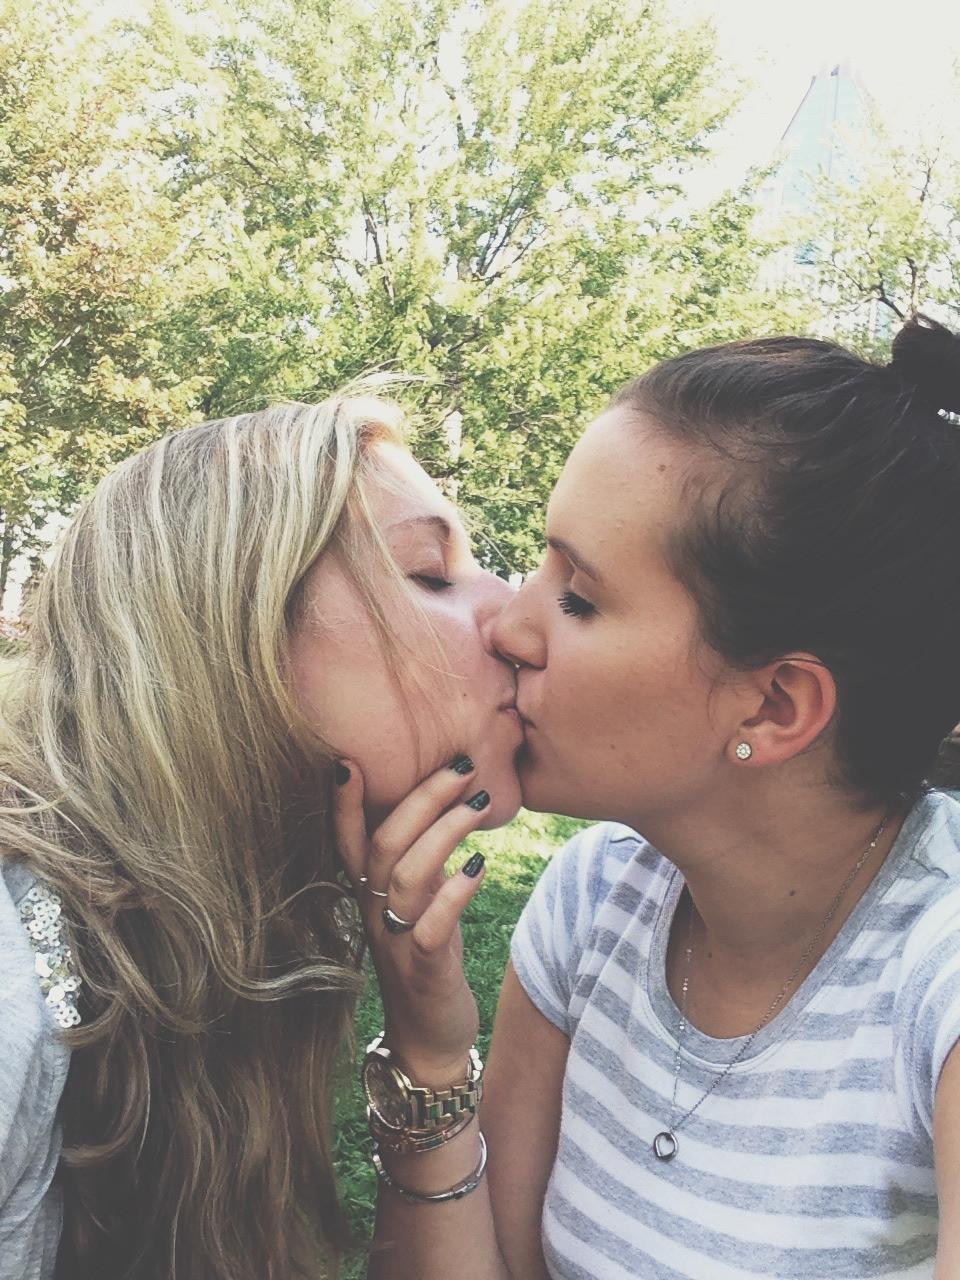 Публично целующиеся девушки